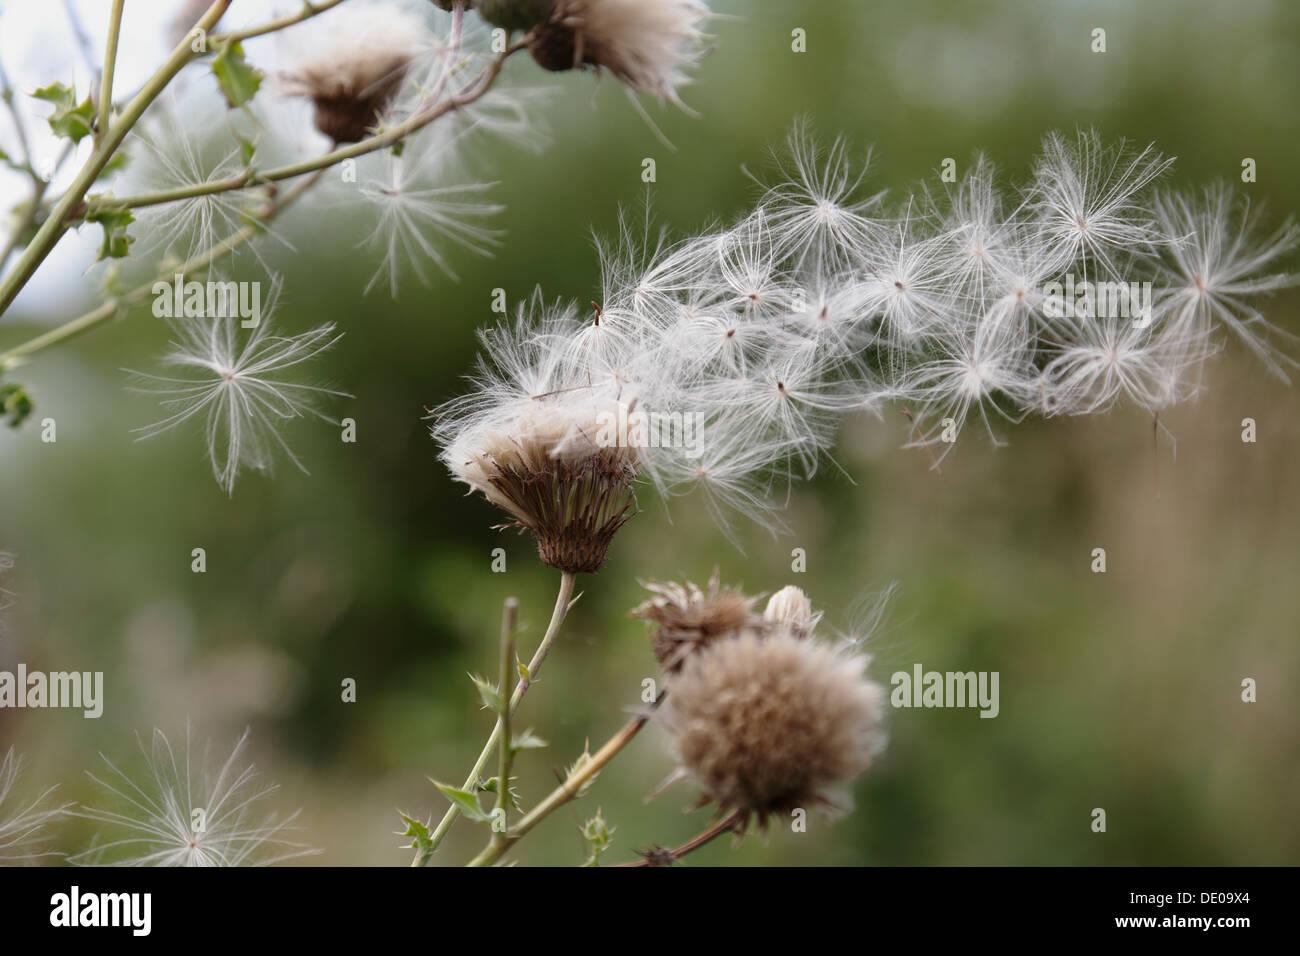 Graines de fleurs sauvages dans le vent, Ecosse, Royaume-Uni Photo Stock